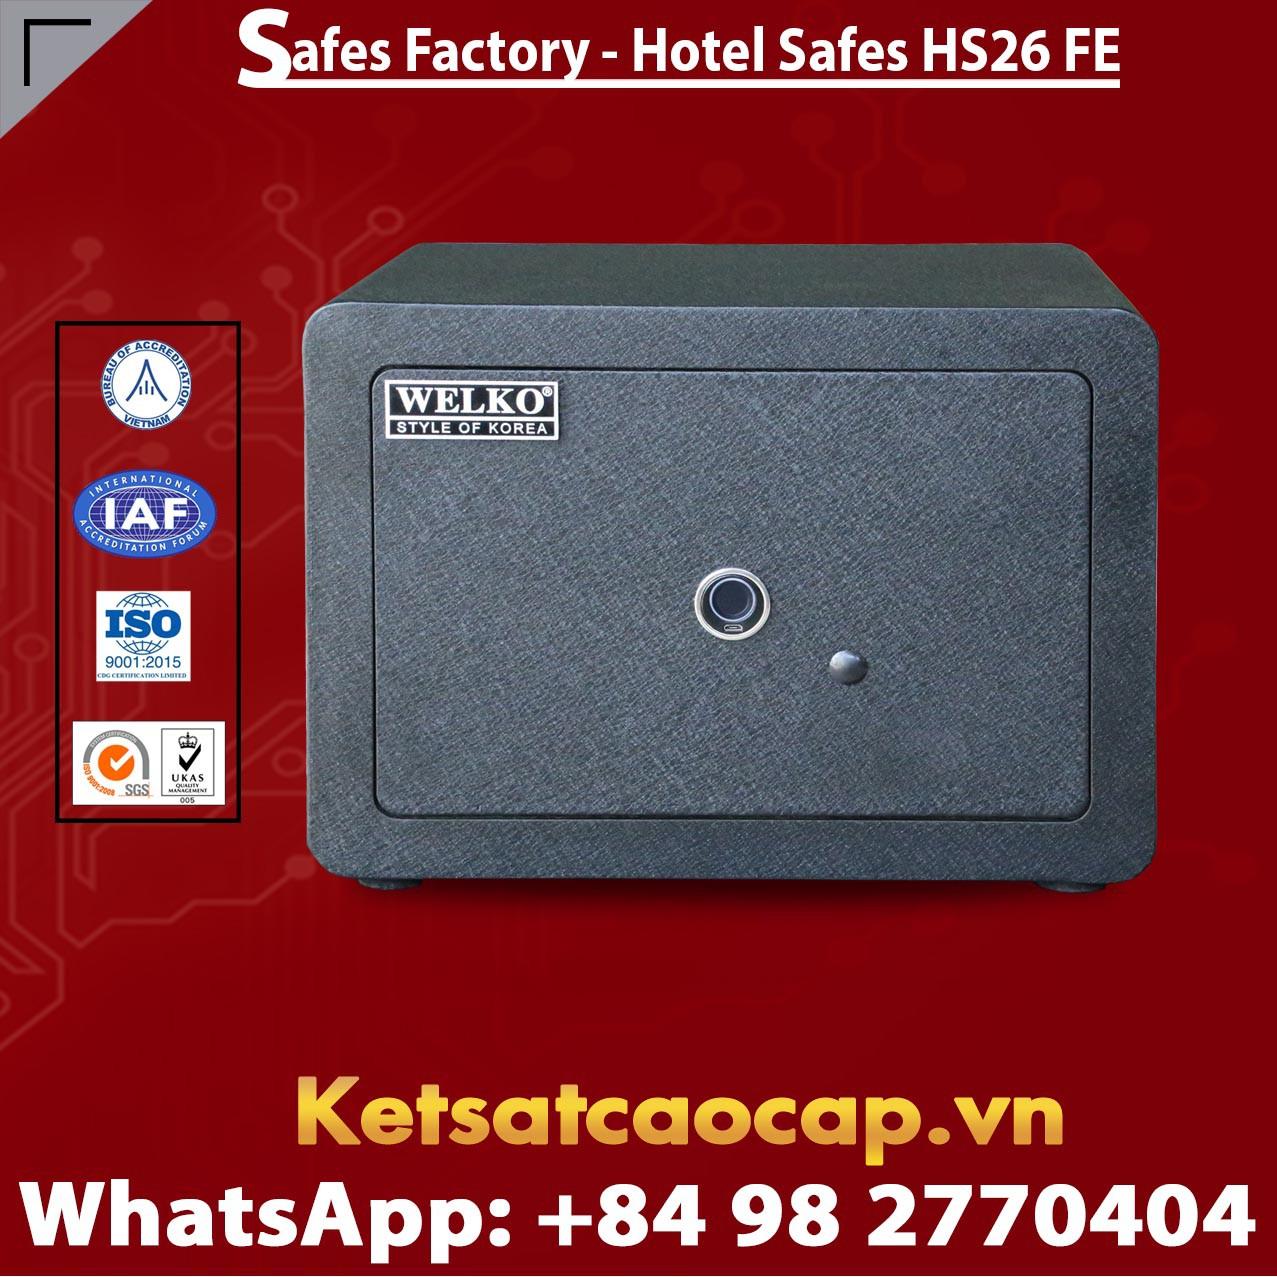 Két Sắt Khách Sạn Hotel Safes WELKO HS26 FE